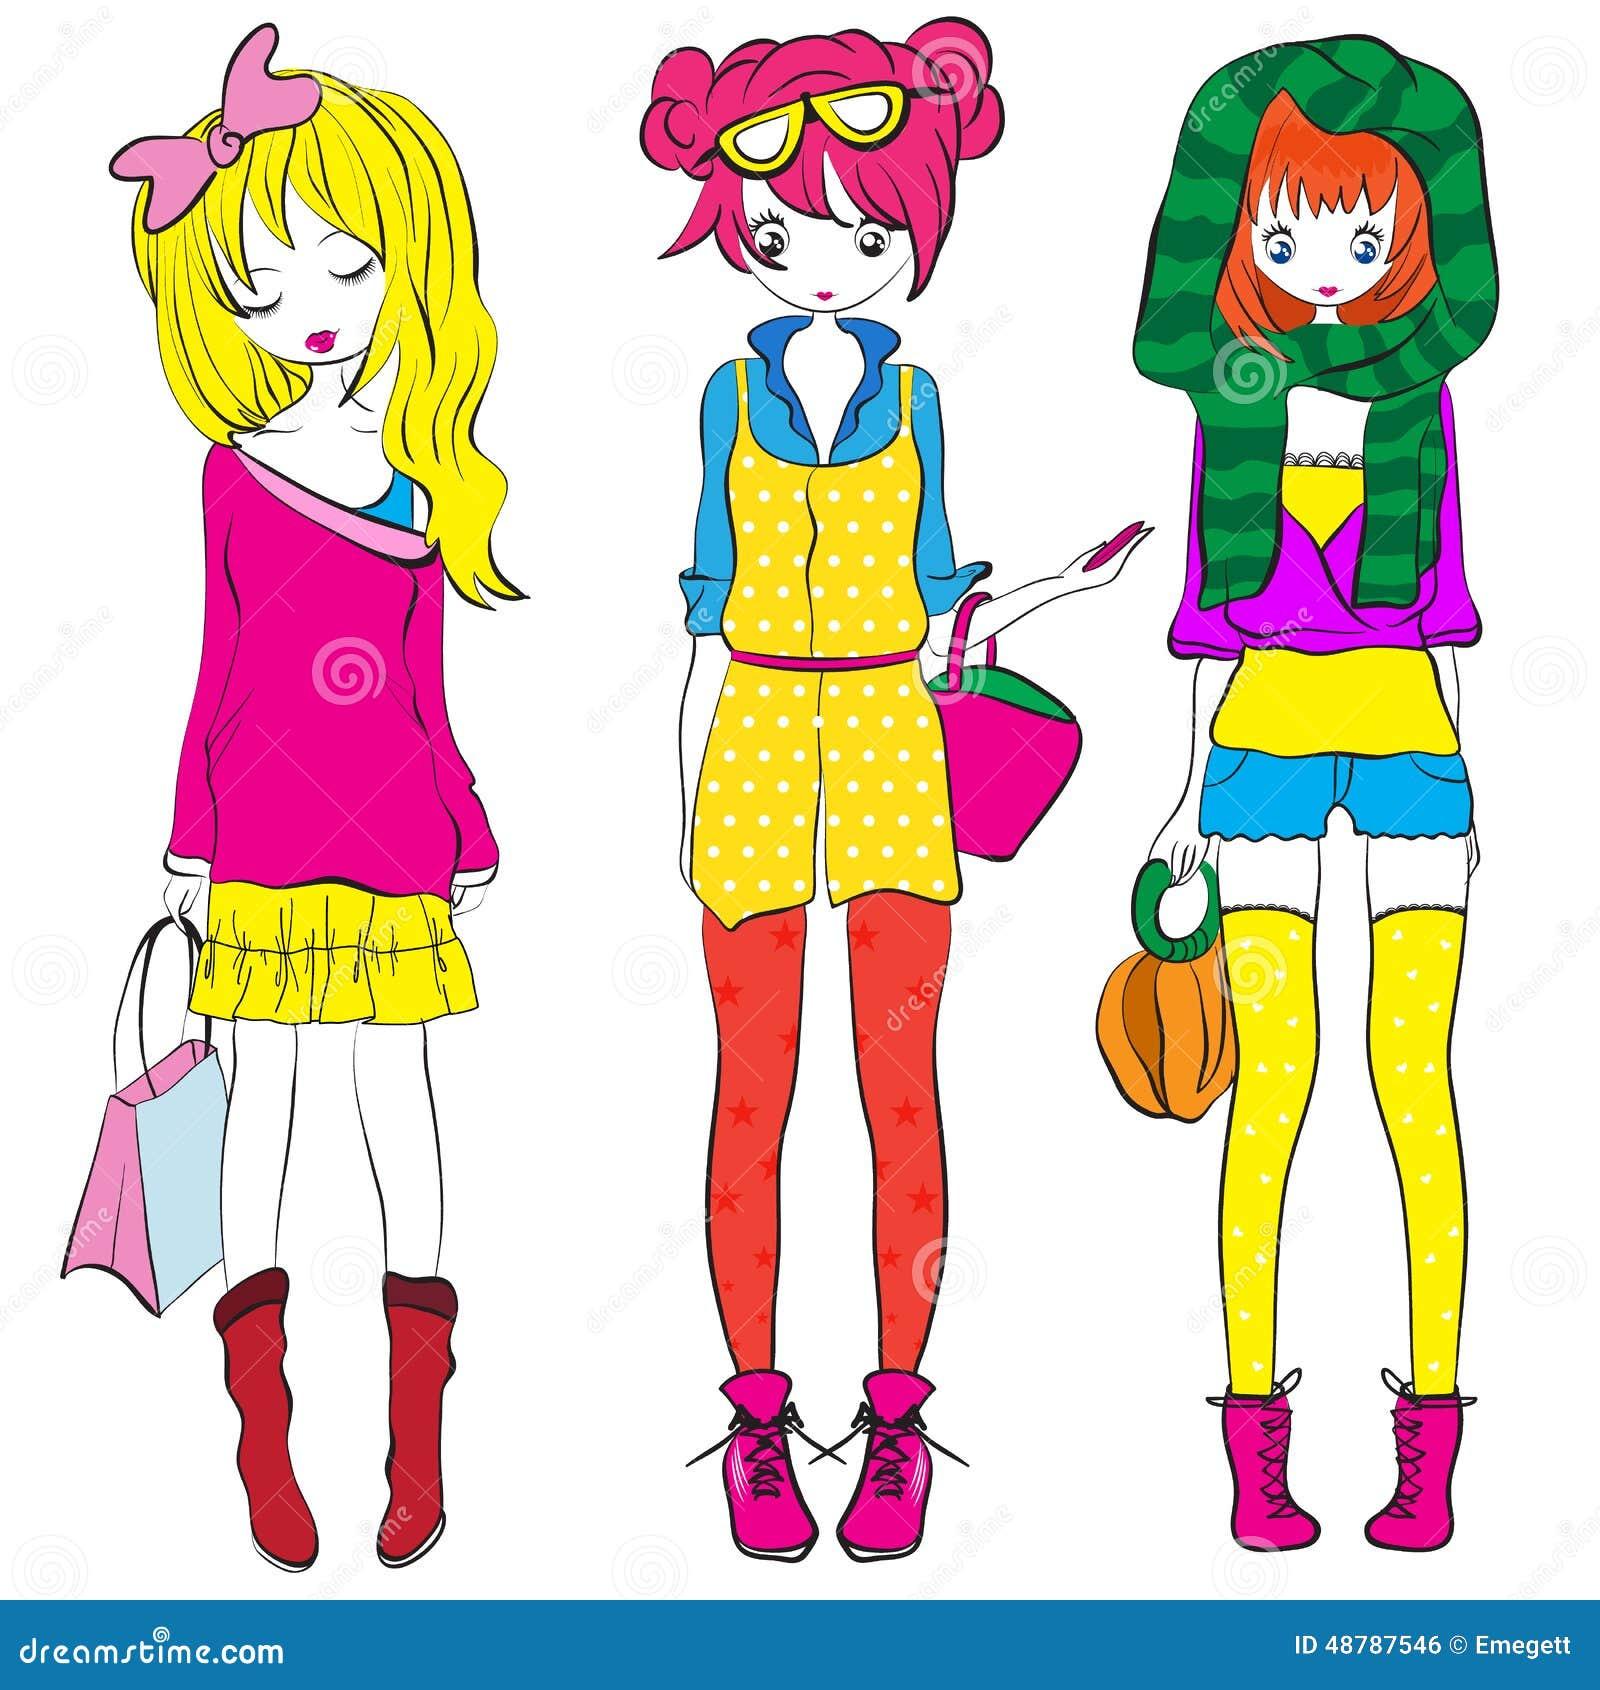 Shirt design in girl - Kids Girl Paris Teenage T Shirt Design Royalty Free Stock Image